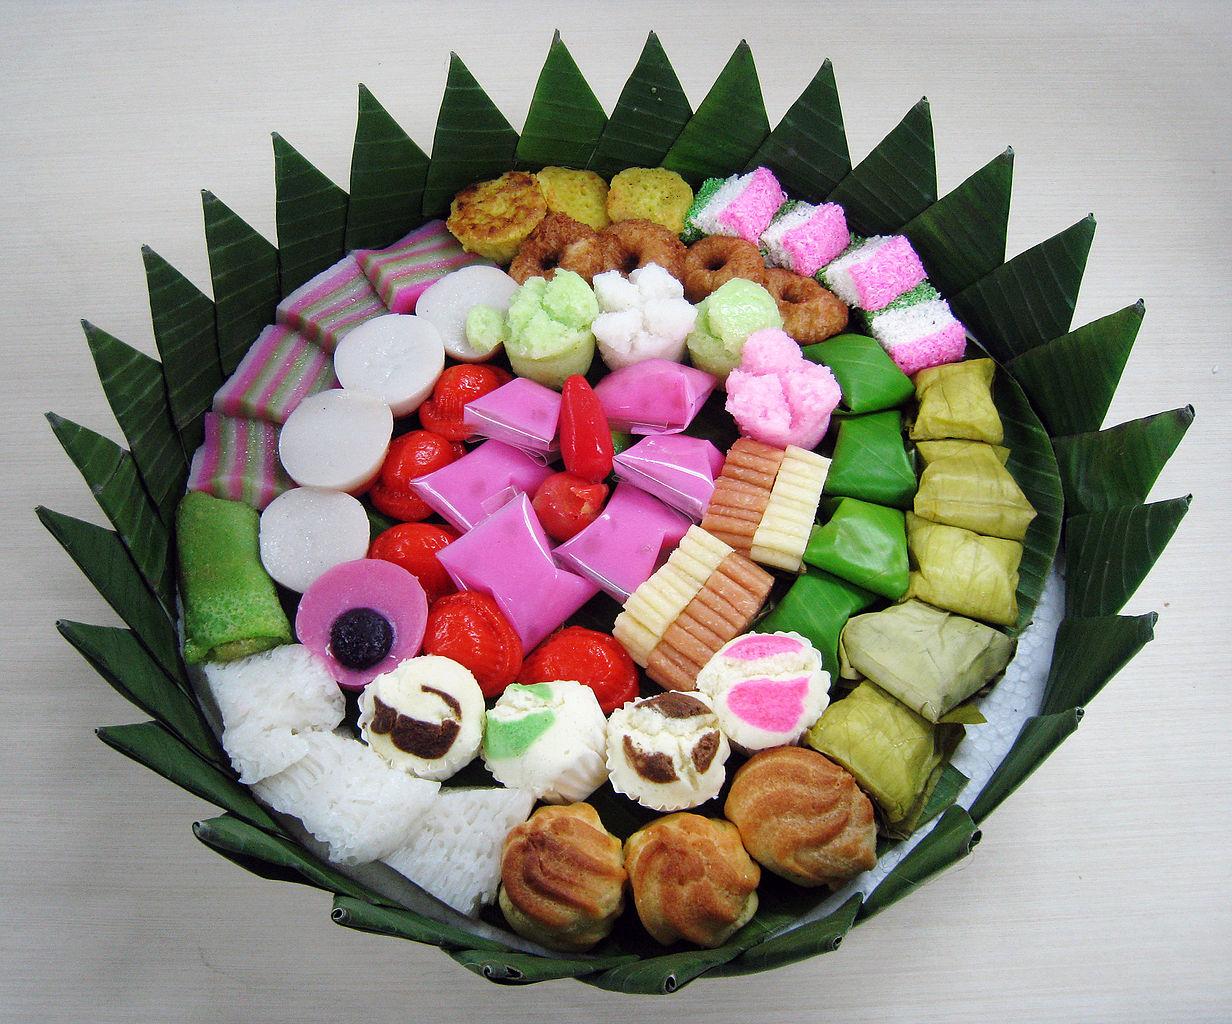 Jenis Jenis Kue